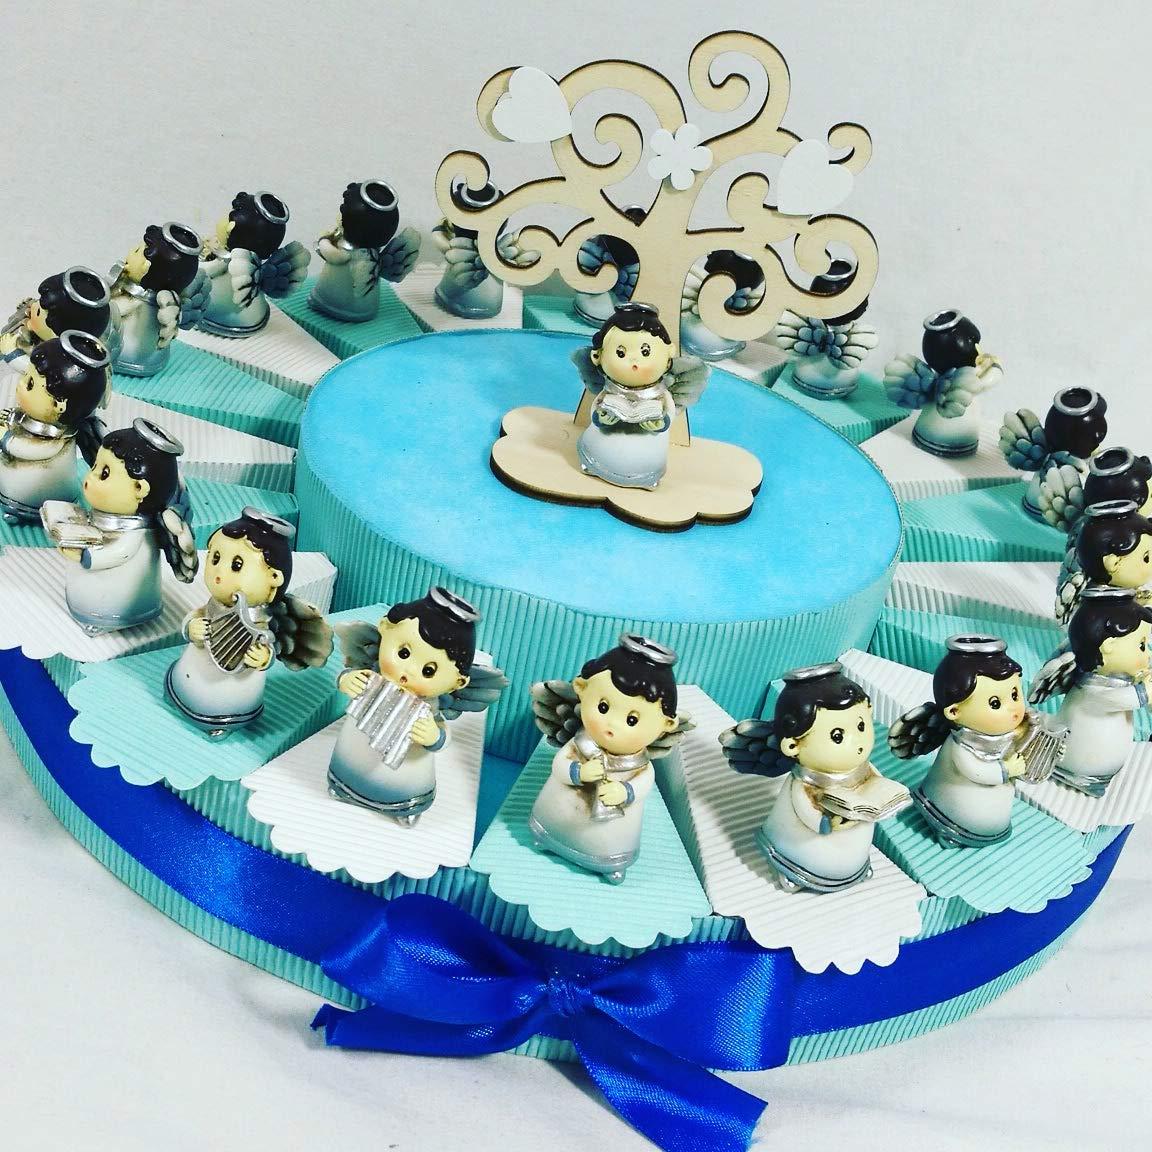 Torta Bonboniere für Taufe, Taufe, Kommunion, Taufe, Kommunion